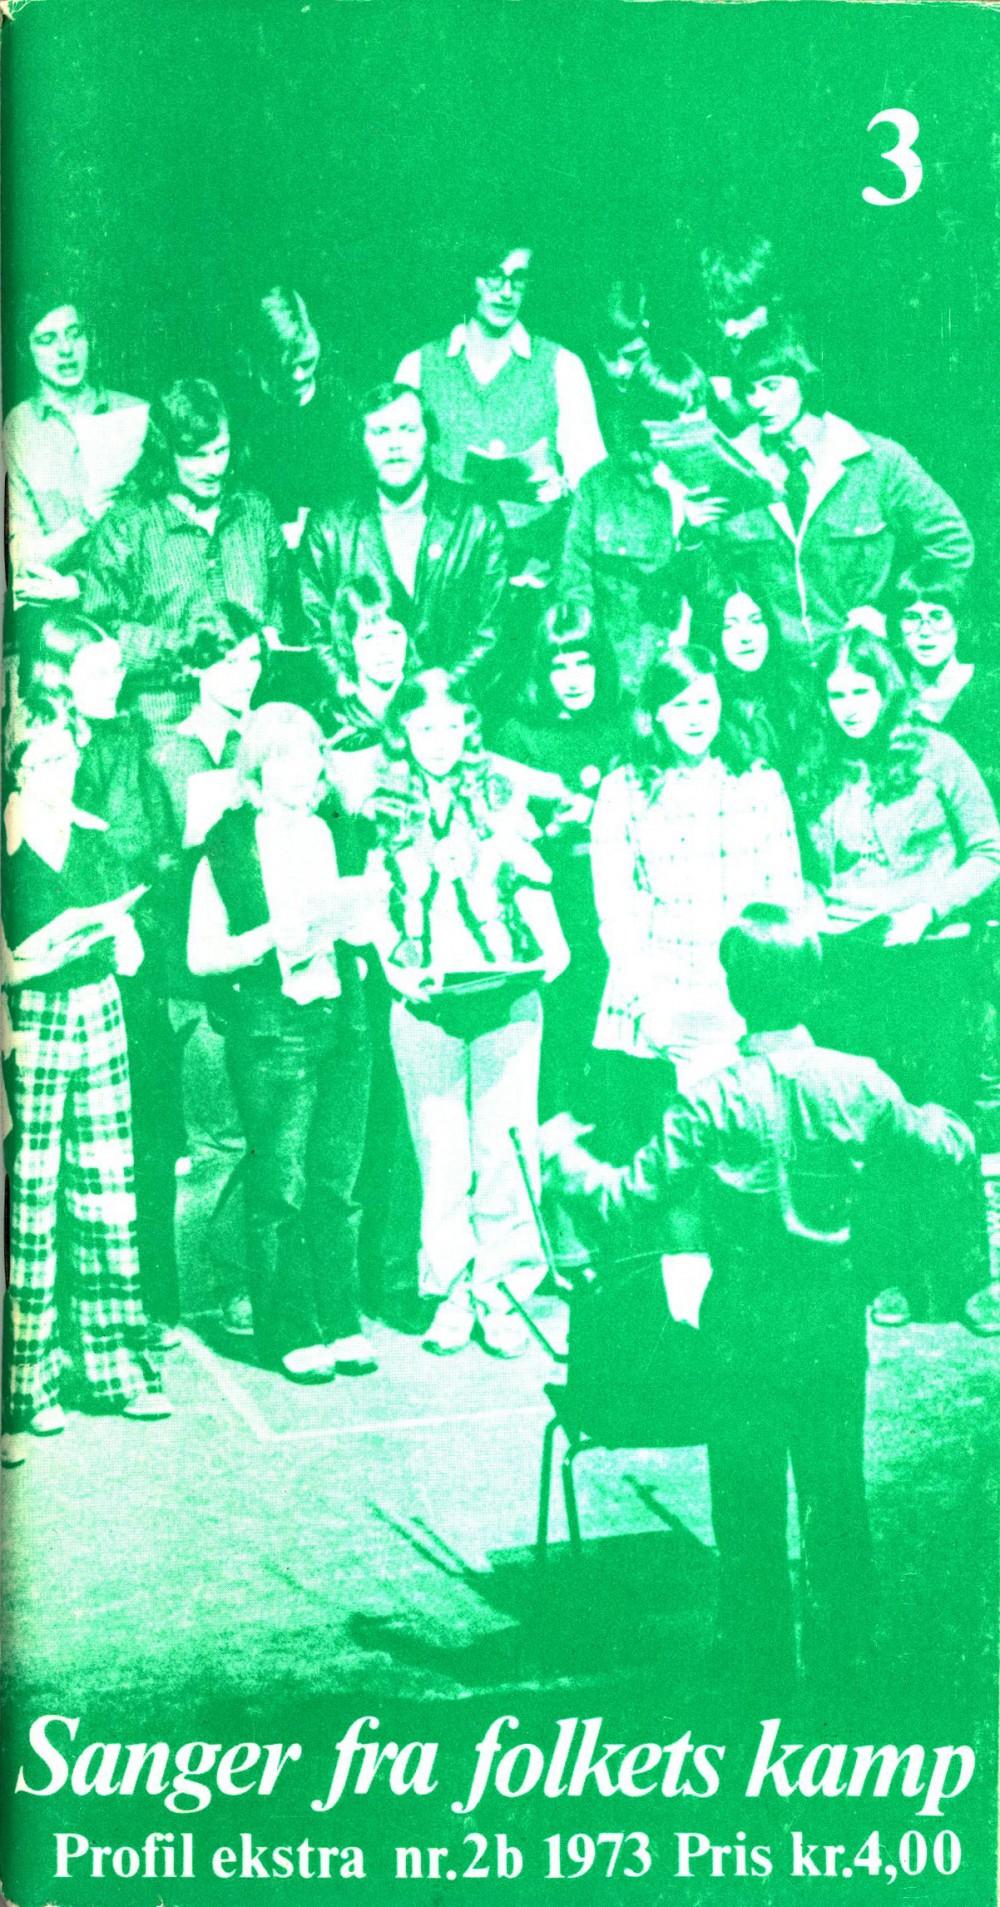 Sanger fra folkets kamp - Profil ekstra nr. 2b 1973